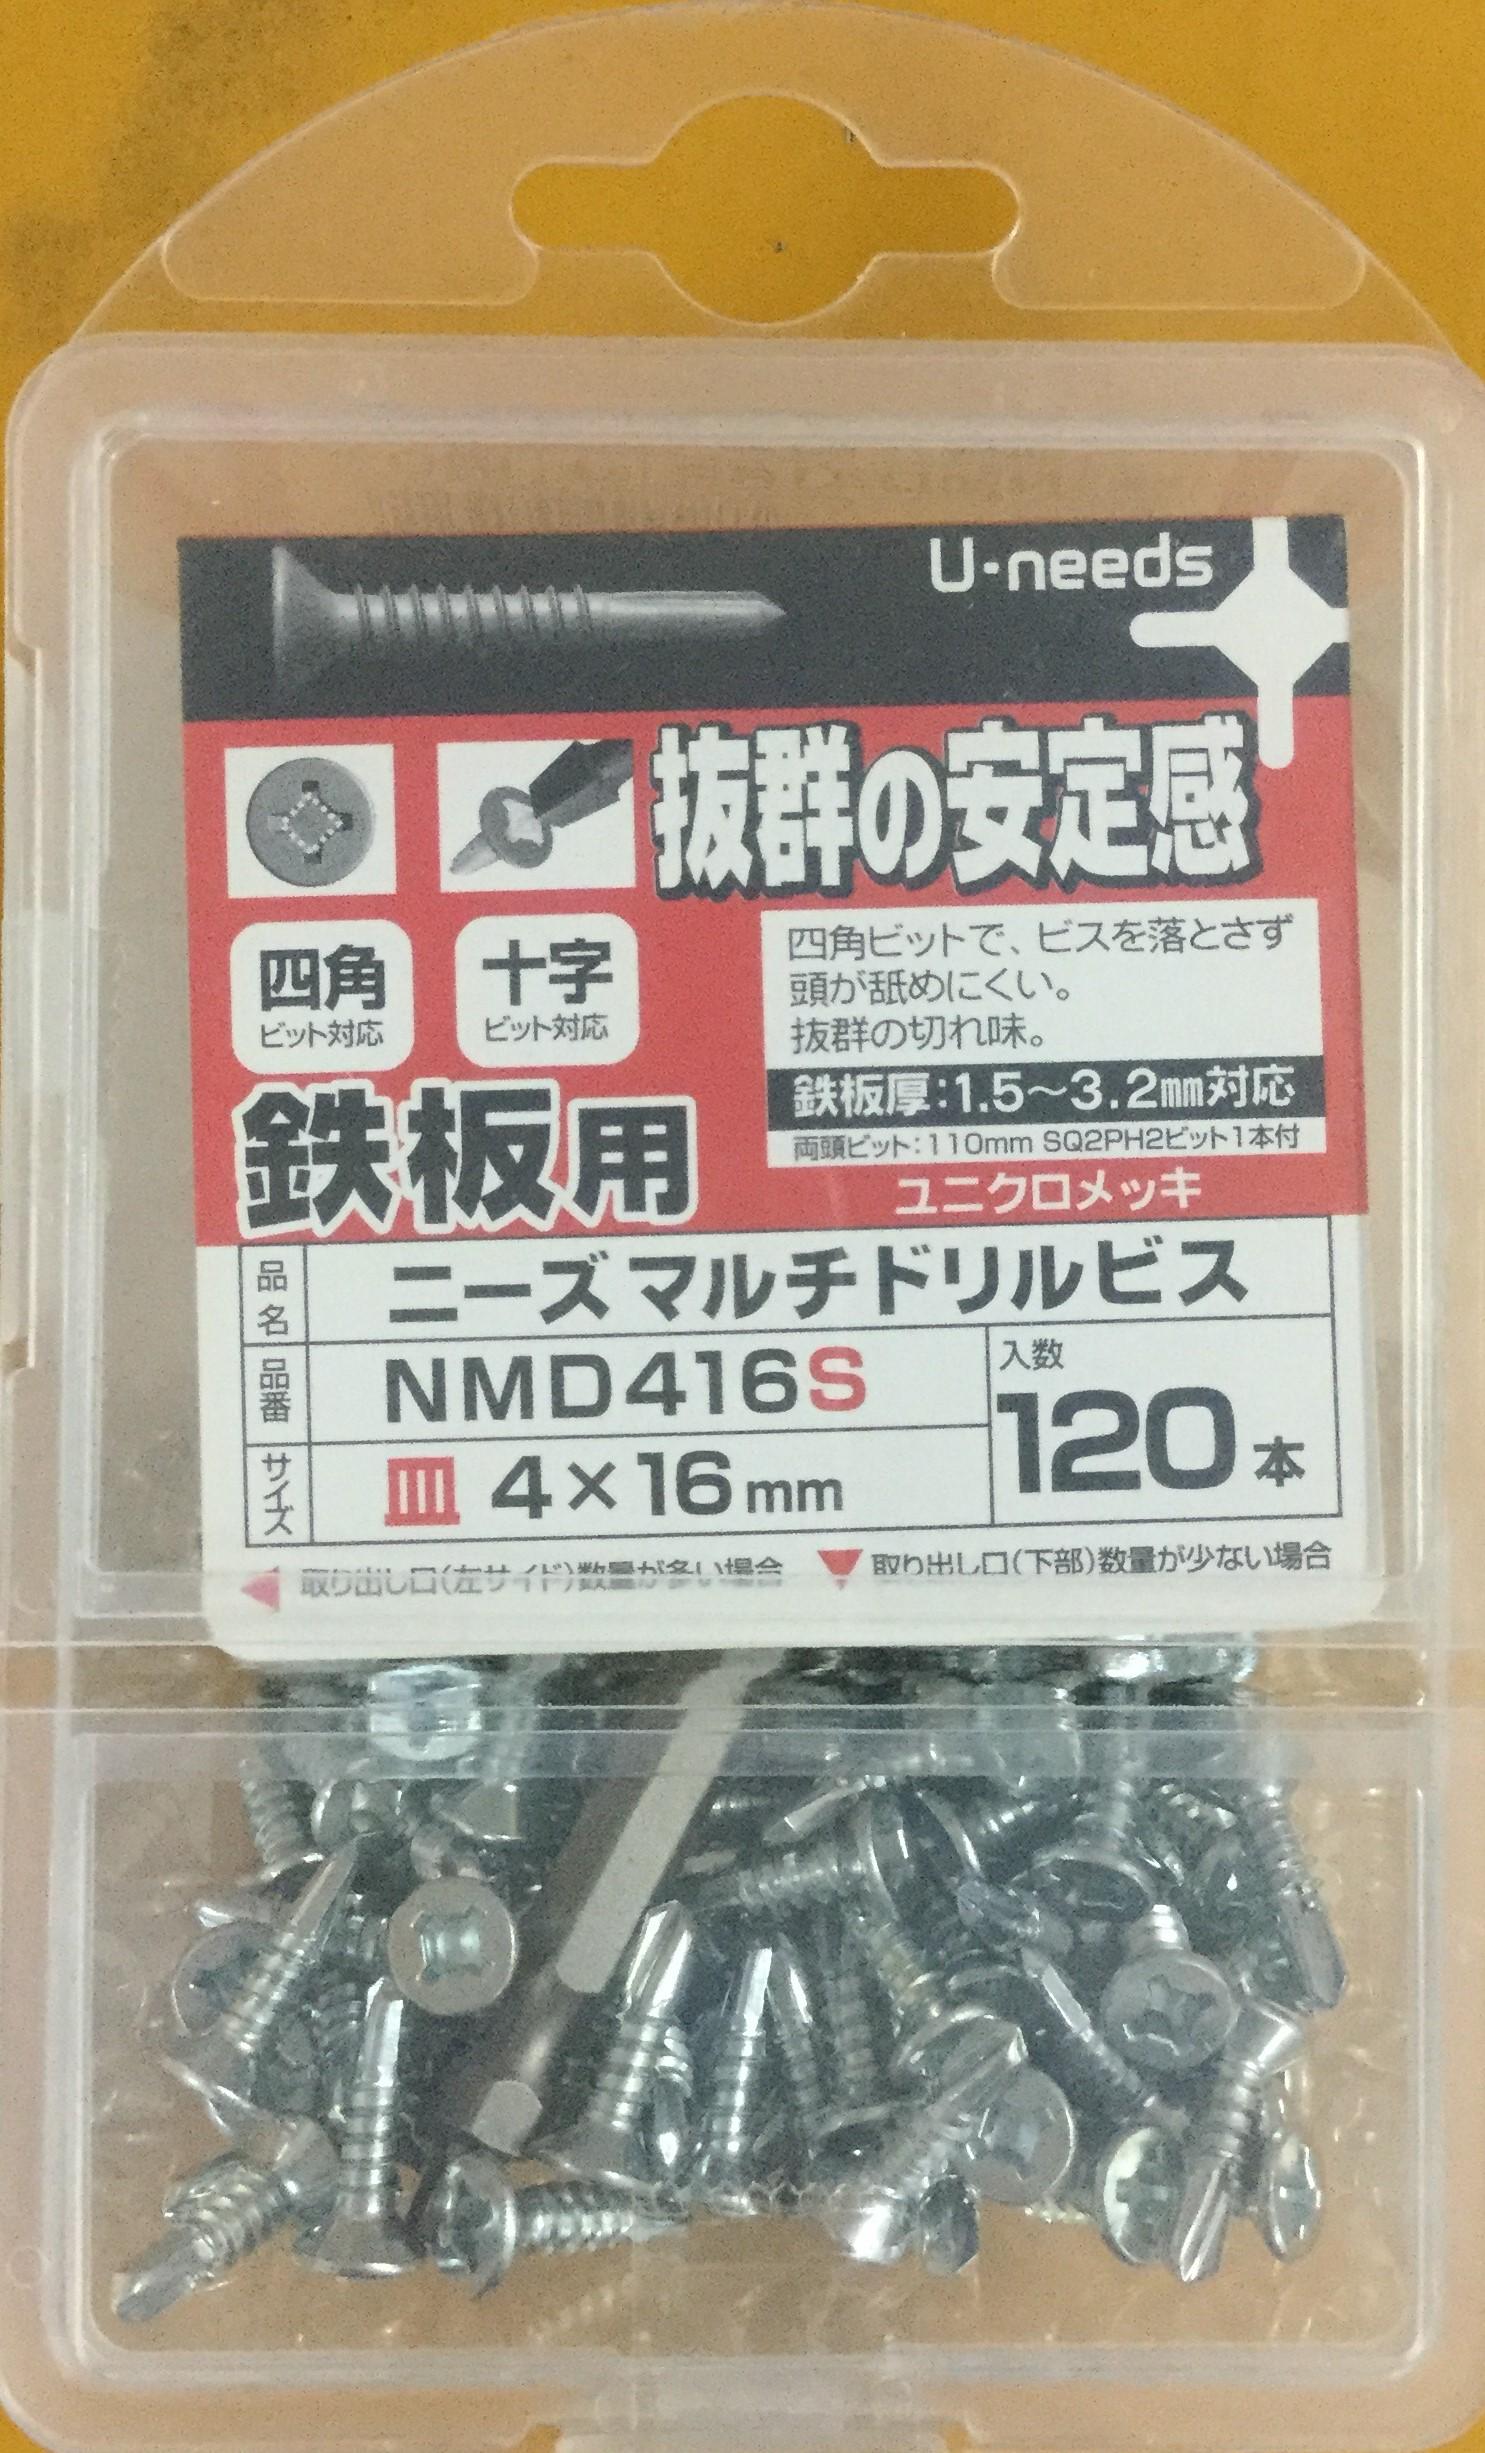 公式通販 商品追加値下げ在庫復活 1.6mm~3.2mmまでの鉄板に 下穴なしで打ち込めるマルチドリルビス マルチドリルビスNMD416S プロ用 ユ 鉄板ビス 高級 ニーズ2020